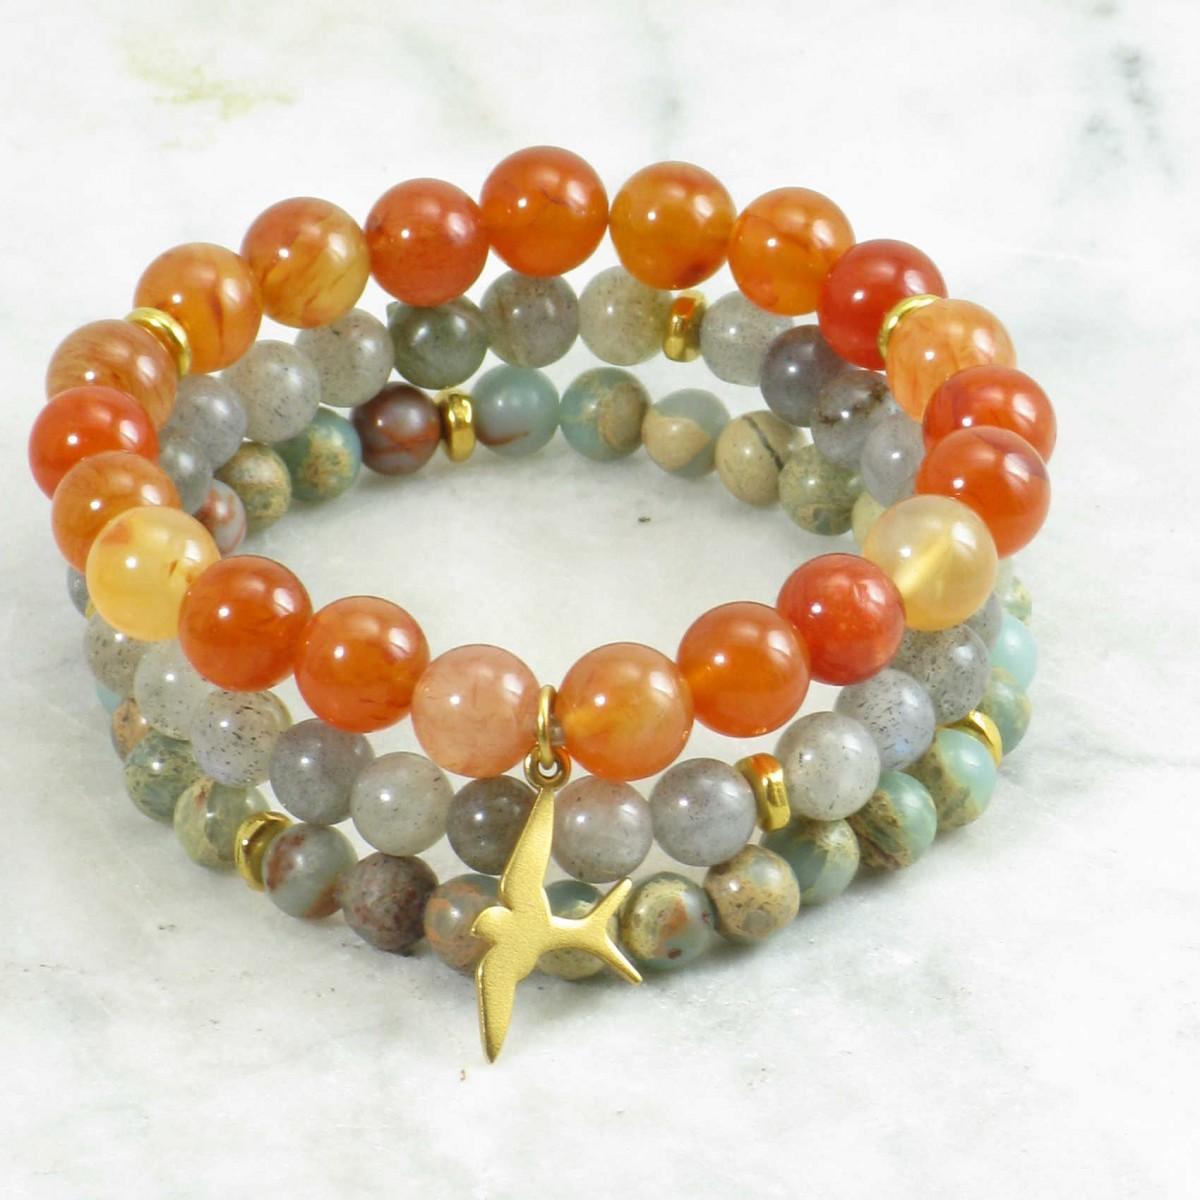 Darsana_Mala_Beads_Stack_21_Carnelian_Labradorite_Serpentine_Mala_Beads_Buddhist_Prayer_Beads